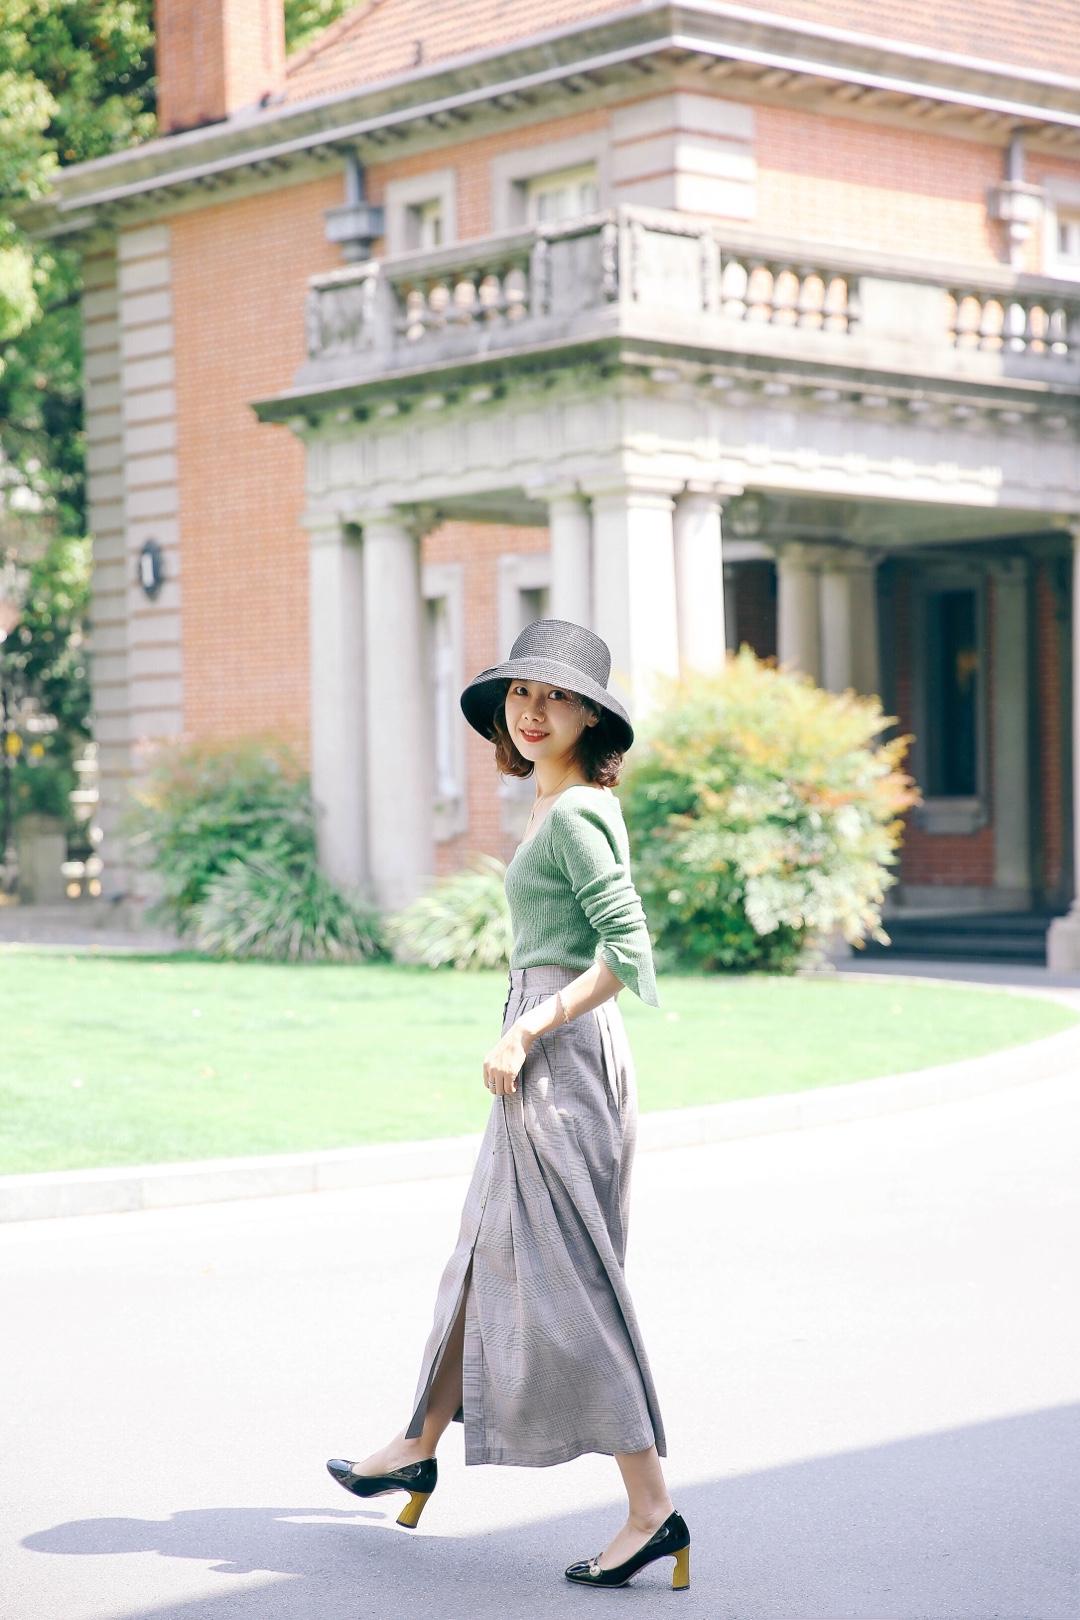 #粗腿亲妈,显瘦神裤# 绿色上衣超简约哦 灰色长裙也很显年轻 棕色包包也必备呀